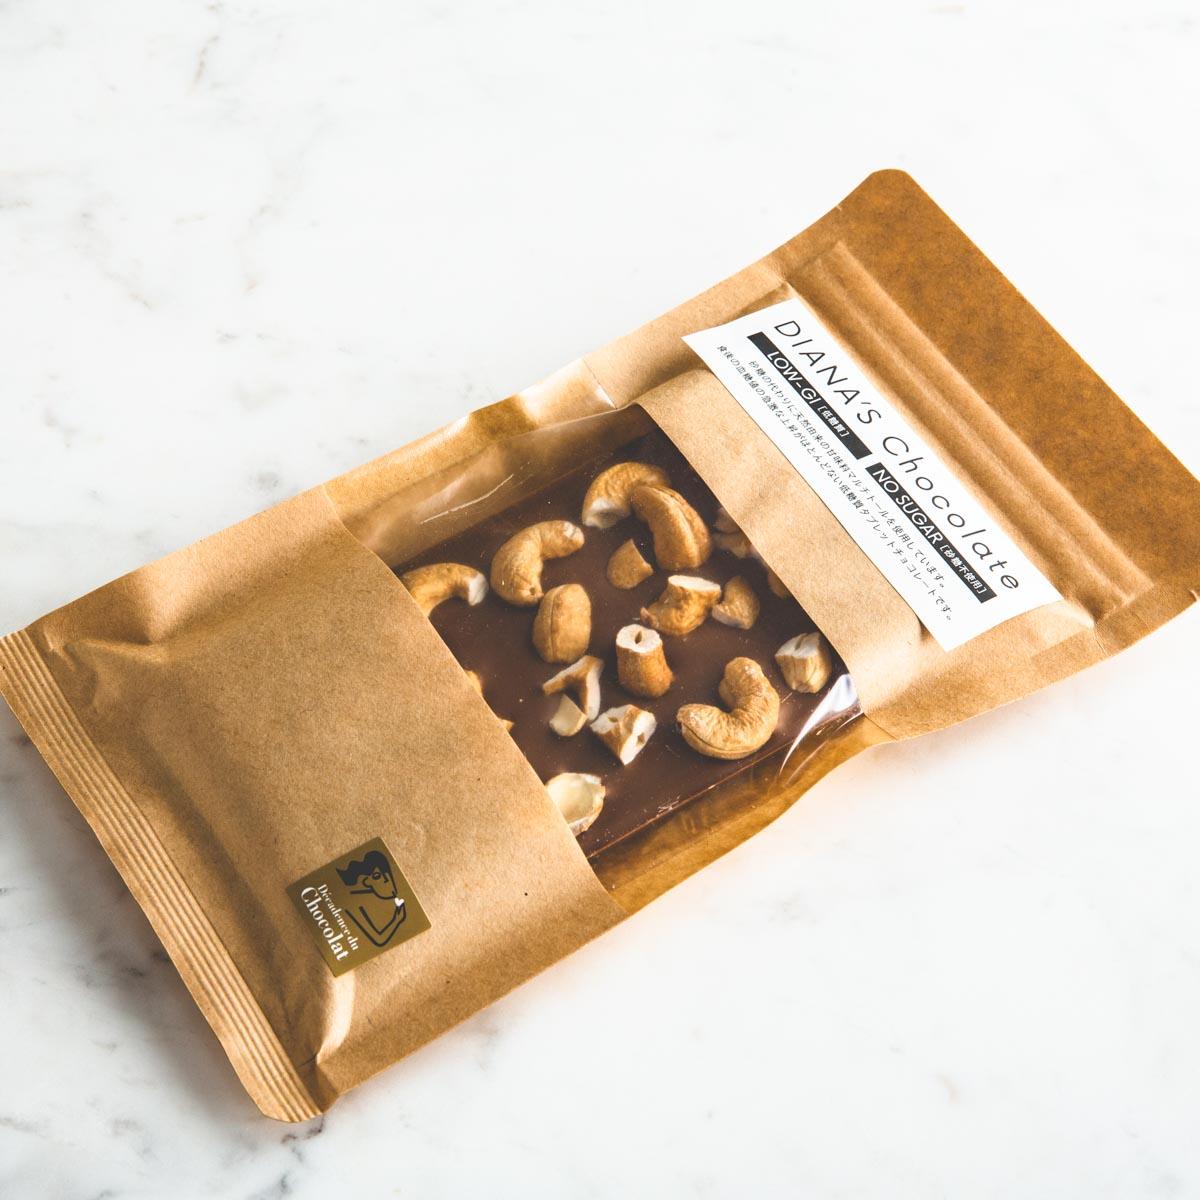 LOW-GI・ディアナチョコレート【ミルクナッツ】